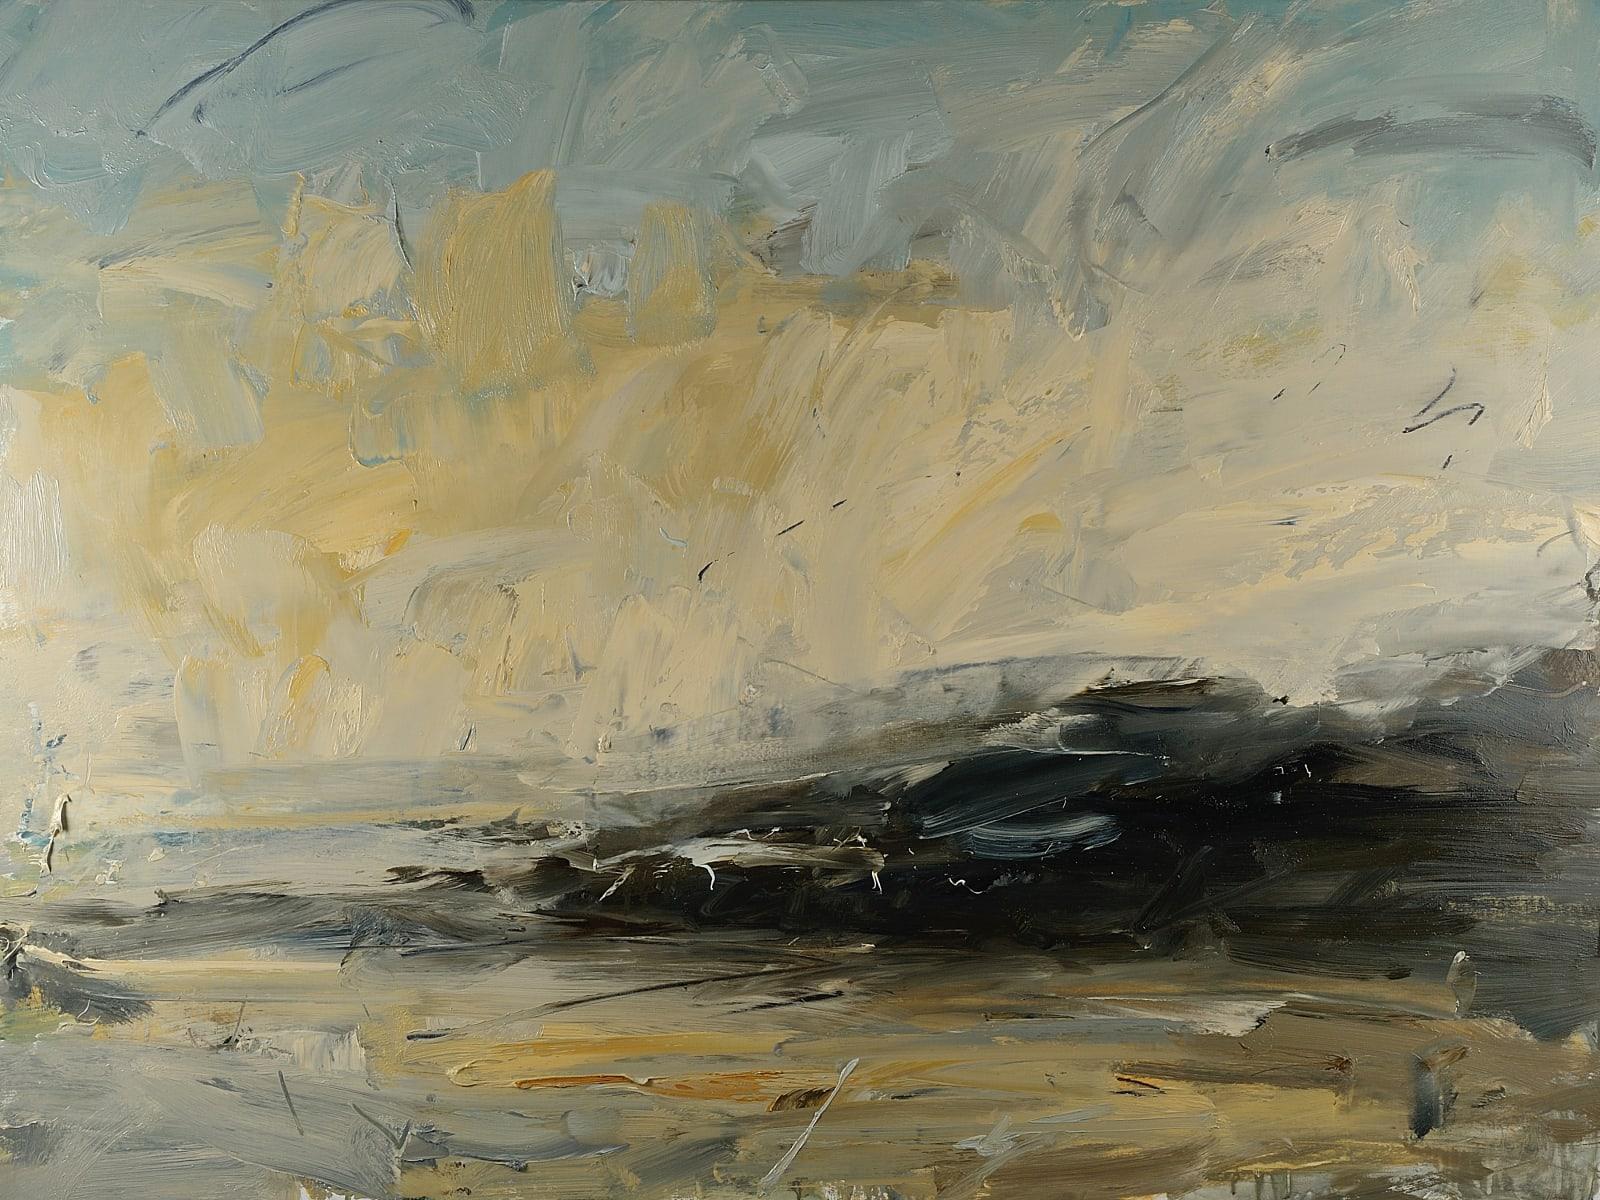 Naples Yellow Dazzle (St Ives) oil on canvas 90cm x 120cm